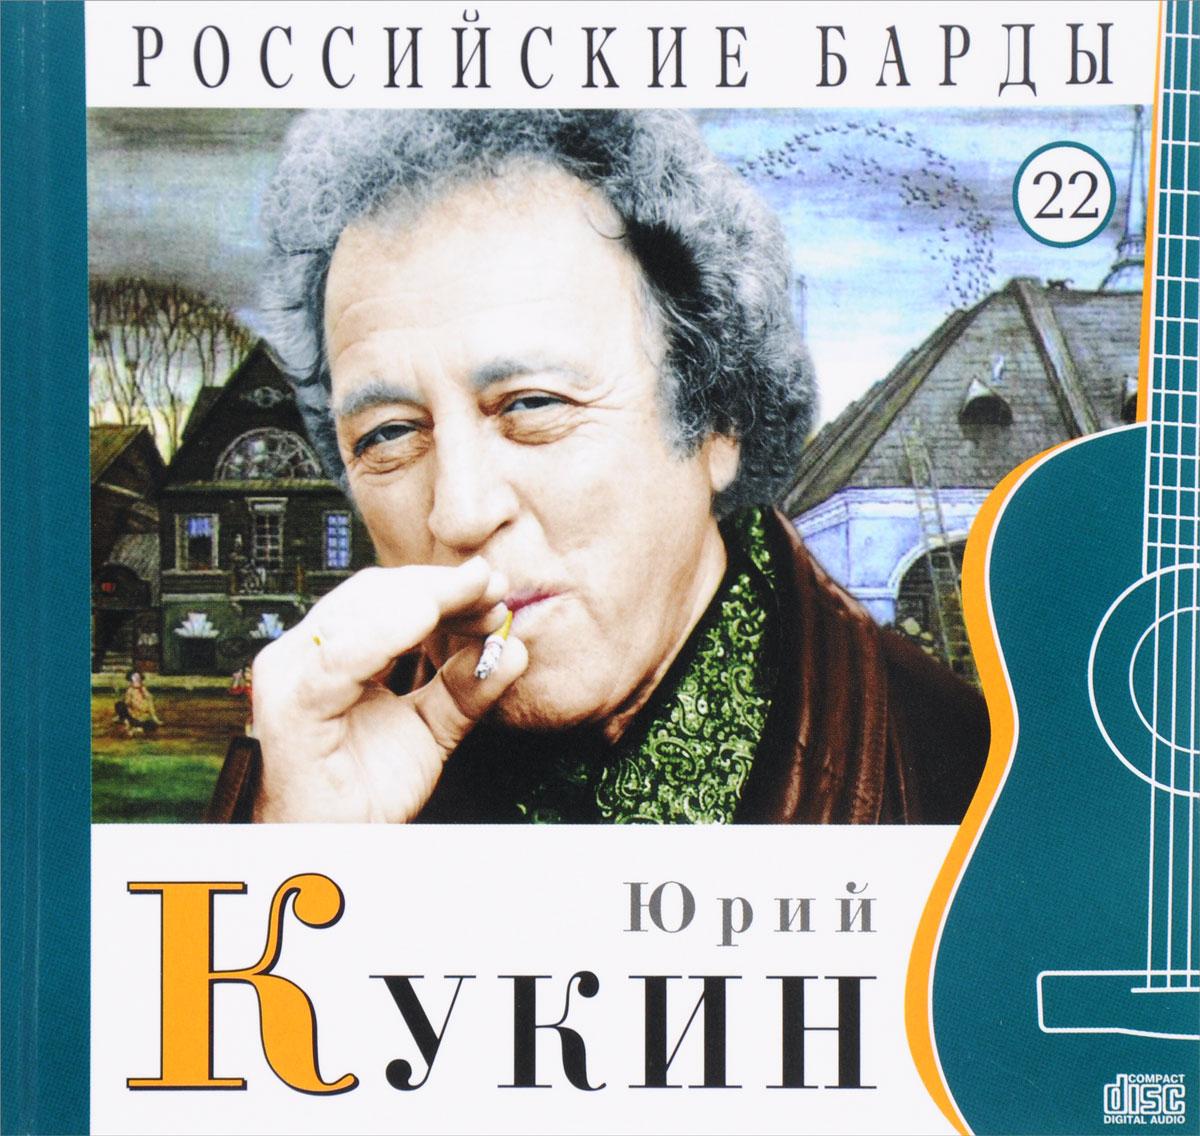 Российские барды, книга CD, том 22,